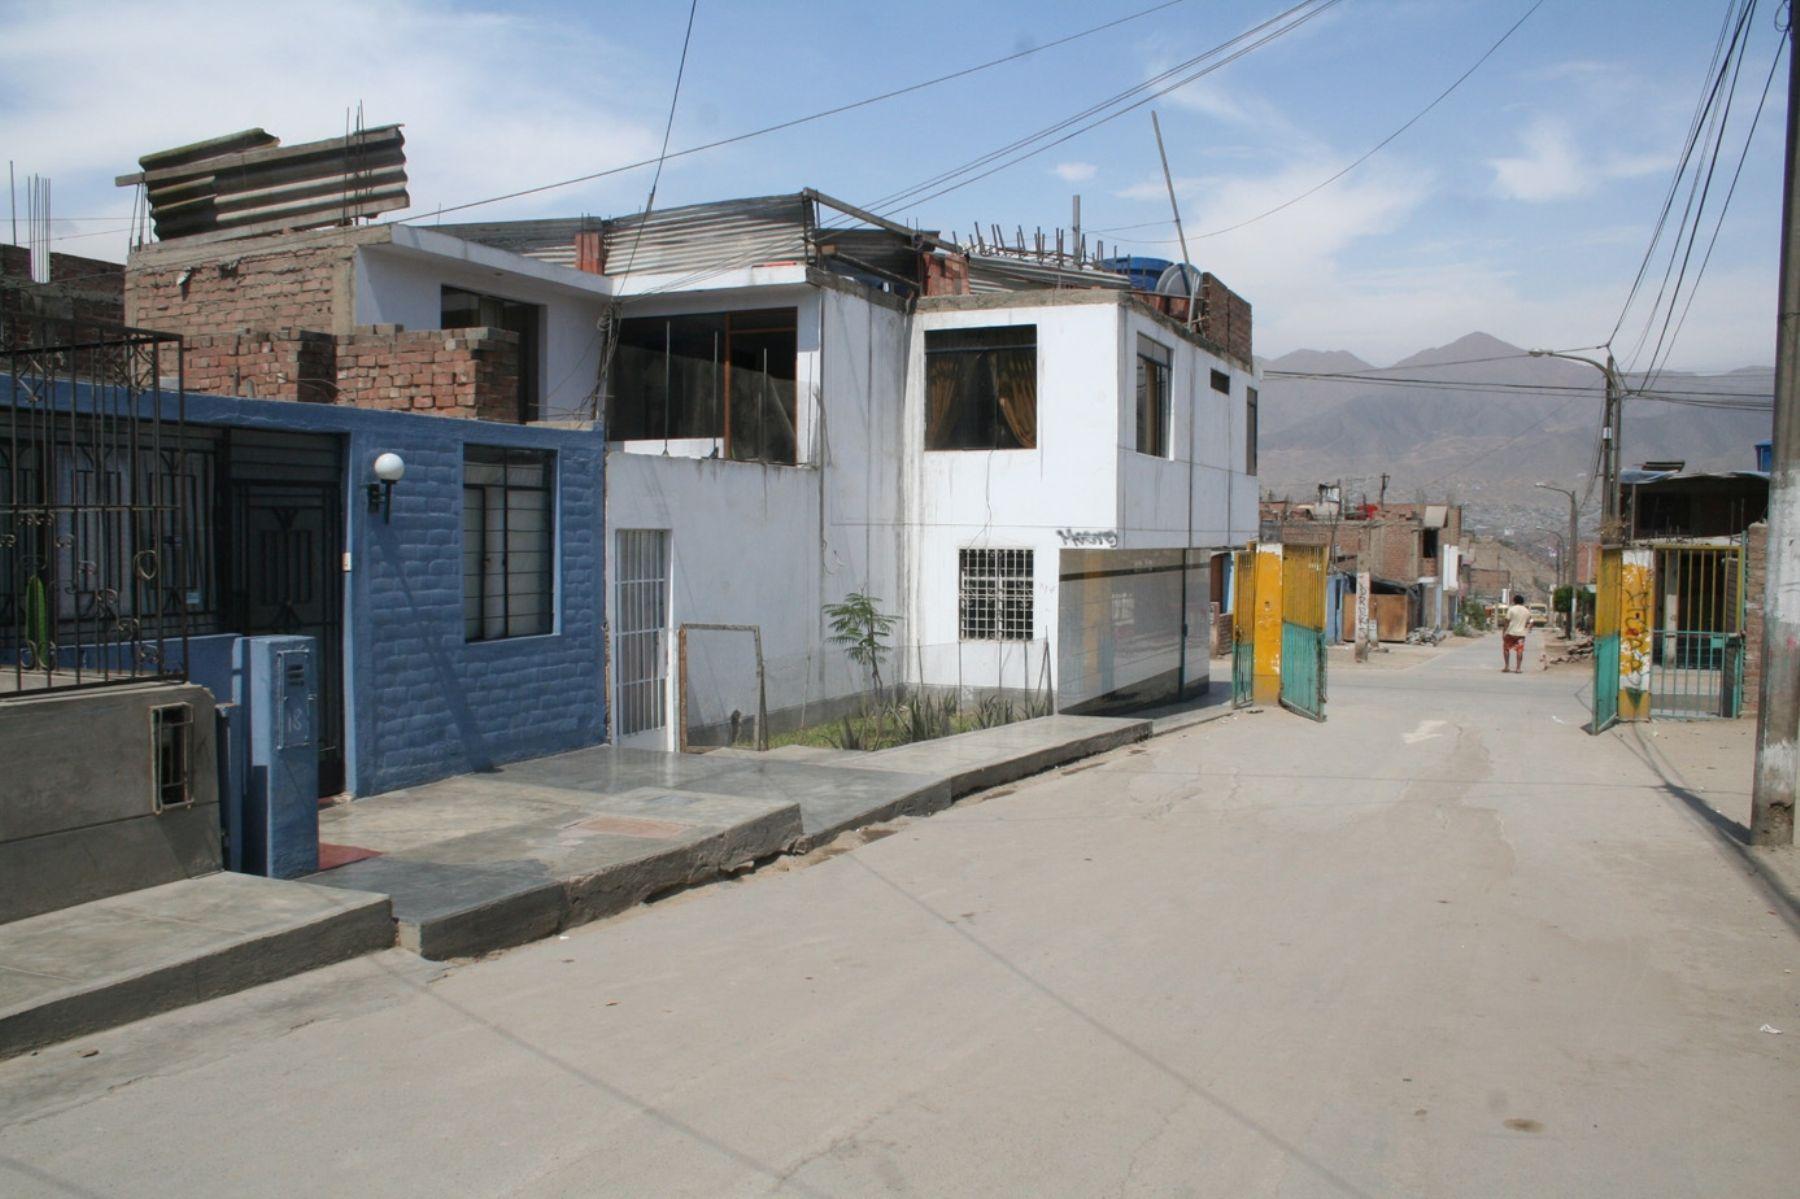 Viviendas de ex Enace en urbanización Mariscal Cáceres en San Juan de Lurigancho